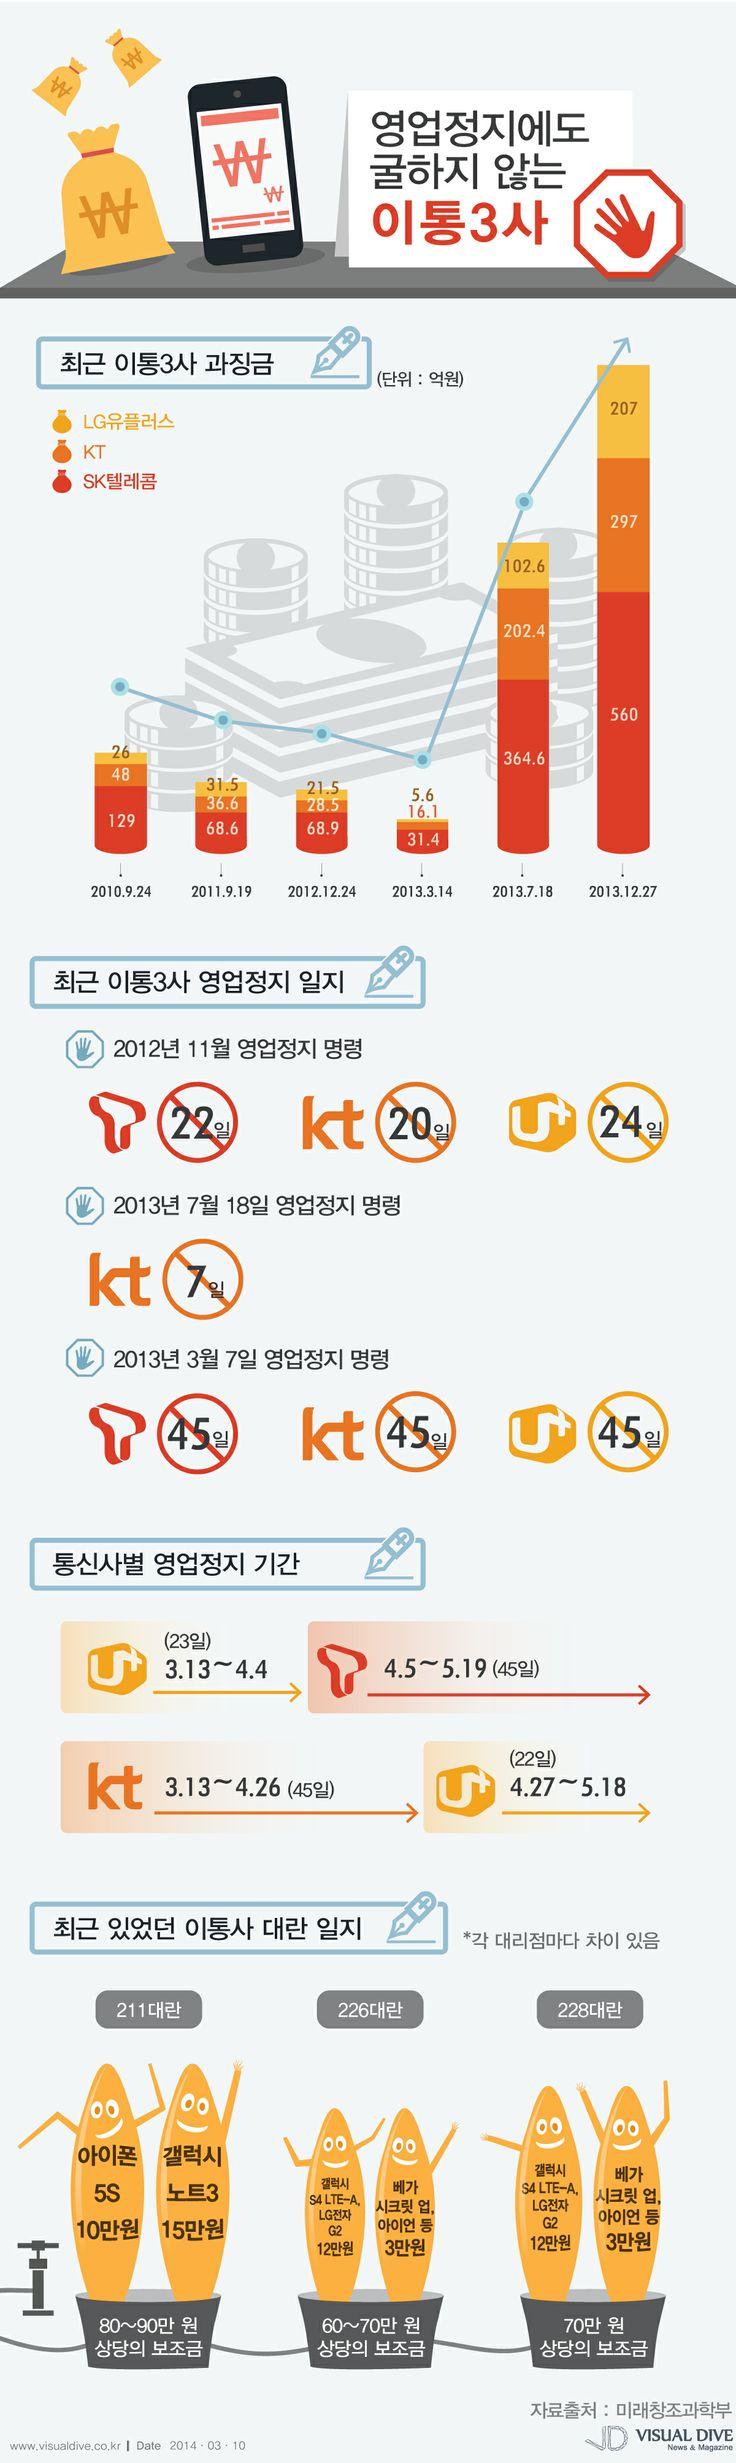 이통3사 각 45일간 '영업정지' 명령… 보조금 대란 없어질까? [인포그래픽]#telecommunicationscompany #Infographic ⓒ 비주얼다이브 무단 복사·전재·재배포 금지